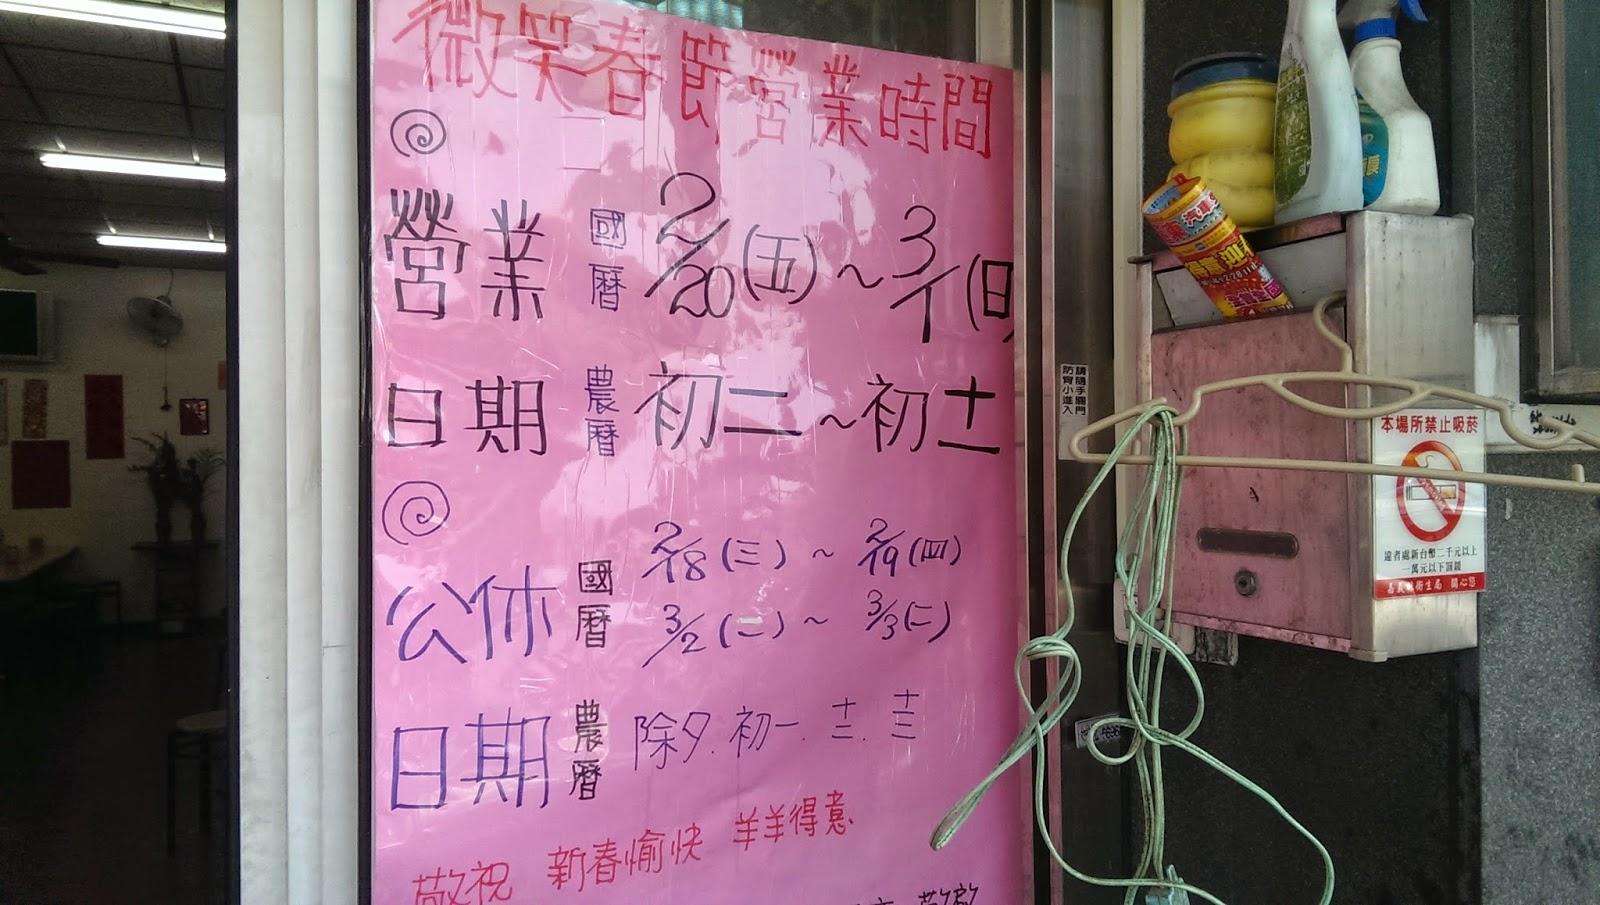 2015 02 11%2B11.33.18 - [食記] 微笑火雞肉飯 - 民雄出名的雞肉飯,自由時報曾評為嘉義雞肉飯第一!